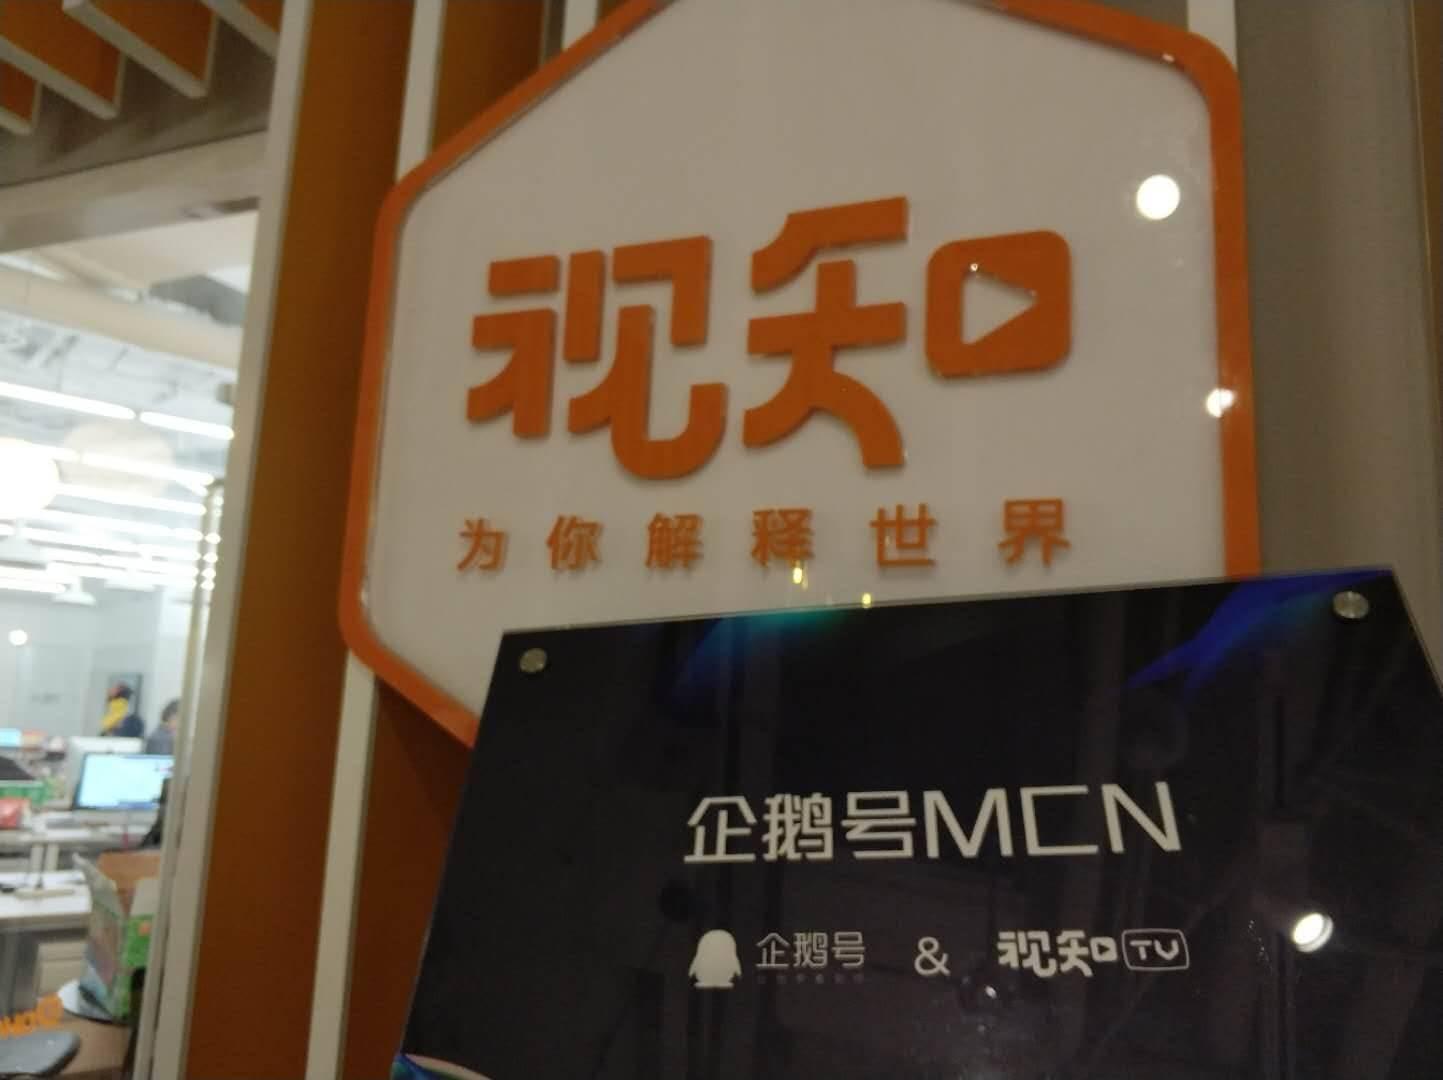 视知TV成为腾讯企鹅号首批深度合作十强MCN机构丨视知大事记